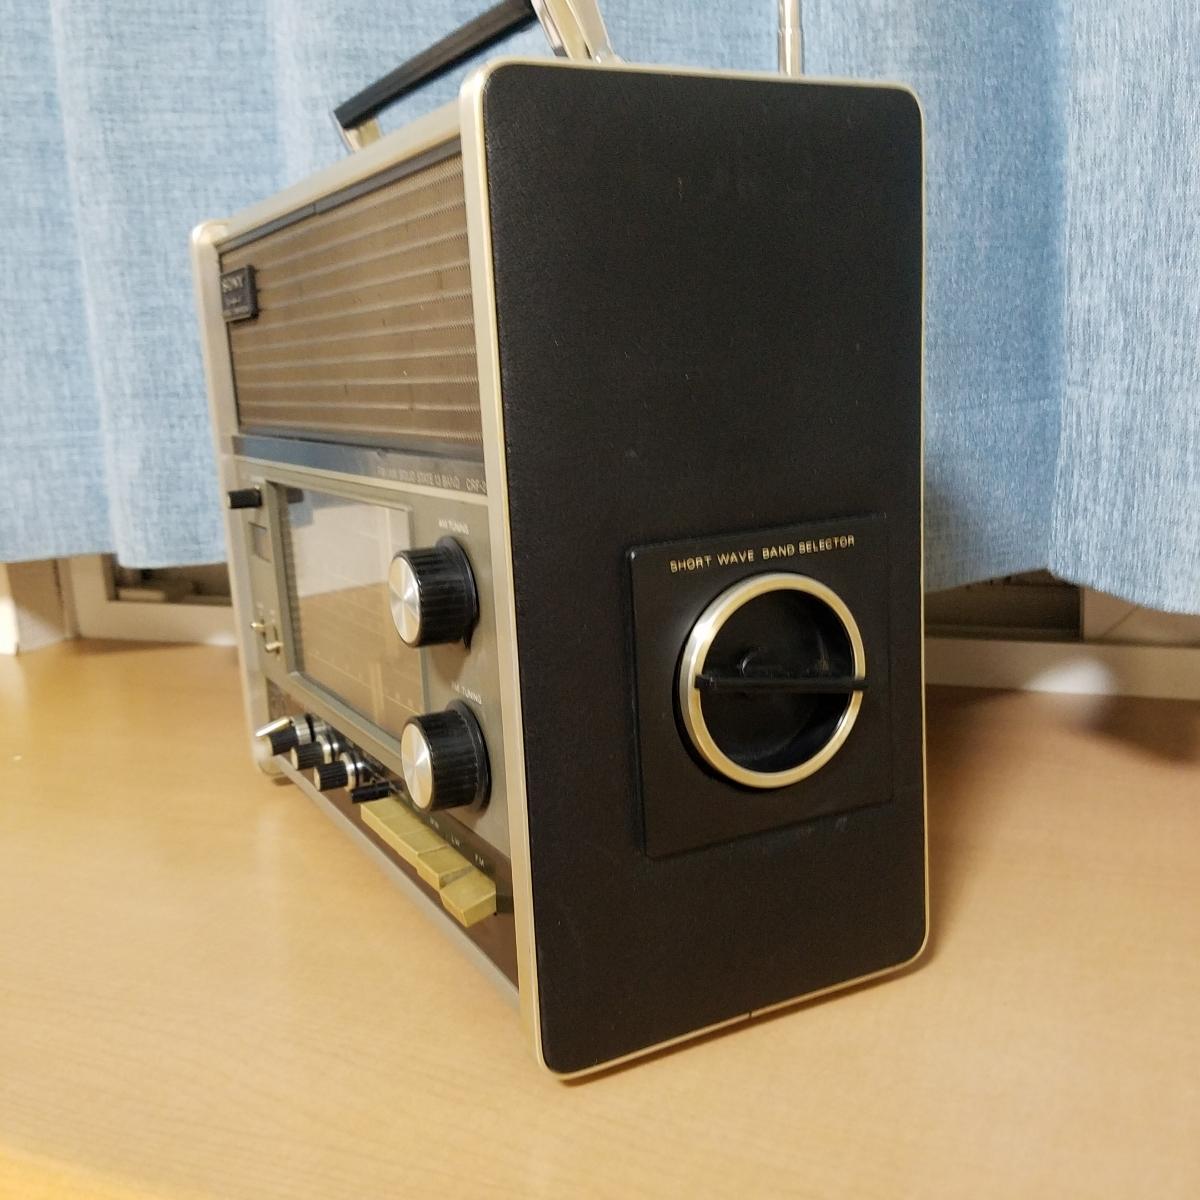 希少 SONY CRF-200 WORLDZONE13 ワールドゾーン 13 BAND RADIO アンティーク ラジオ 中古 簡易動作確認済_画像3